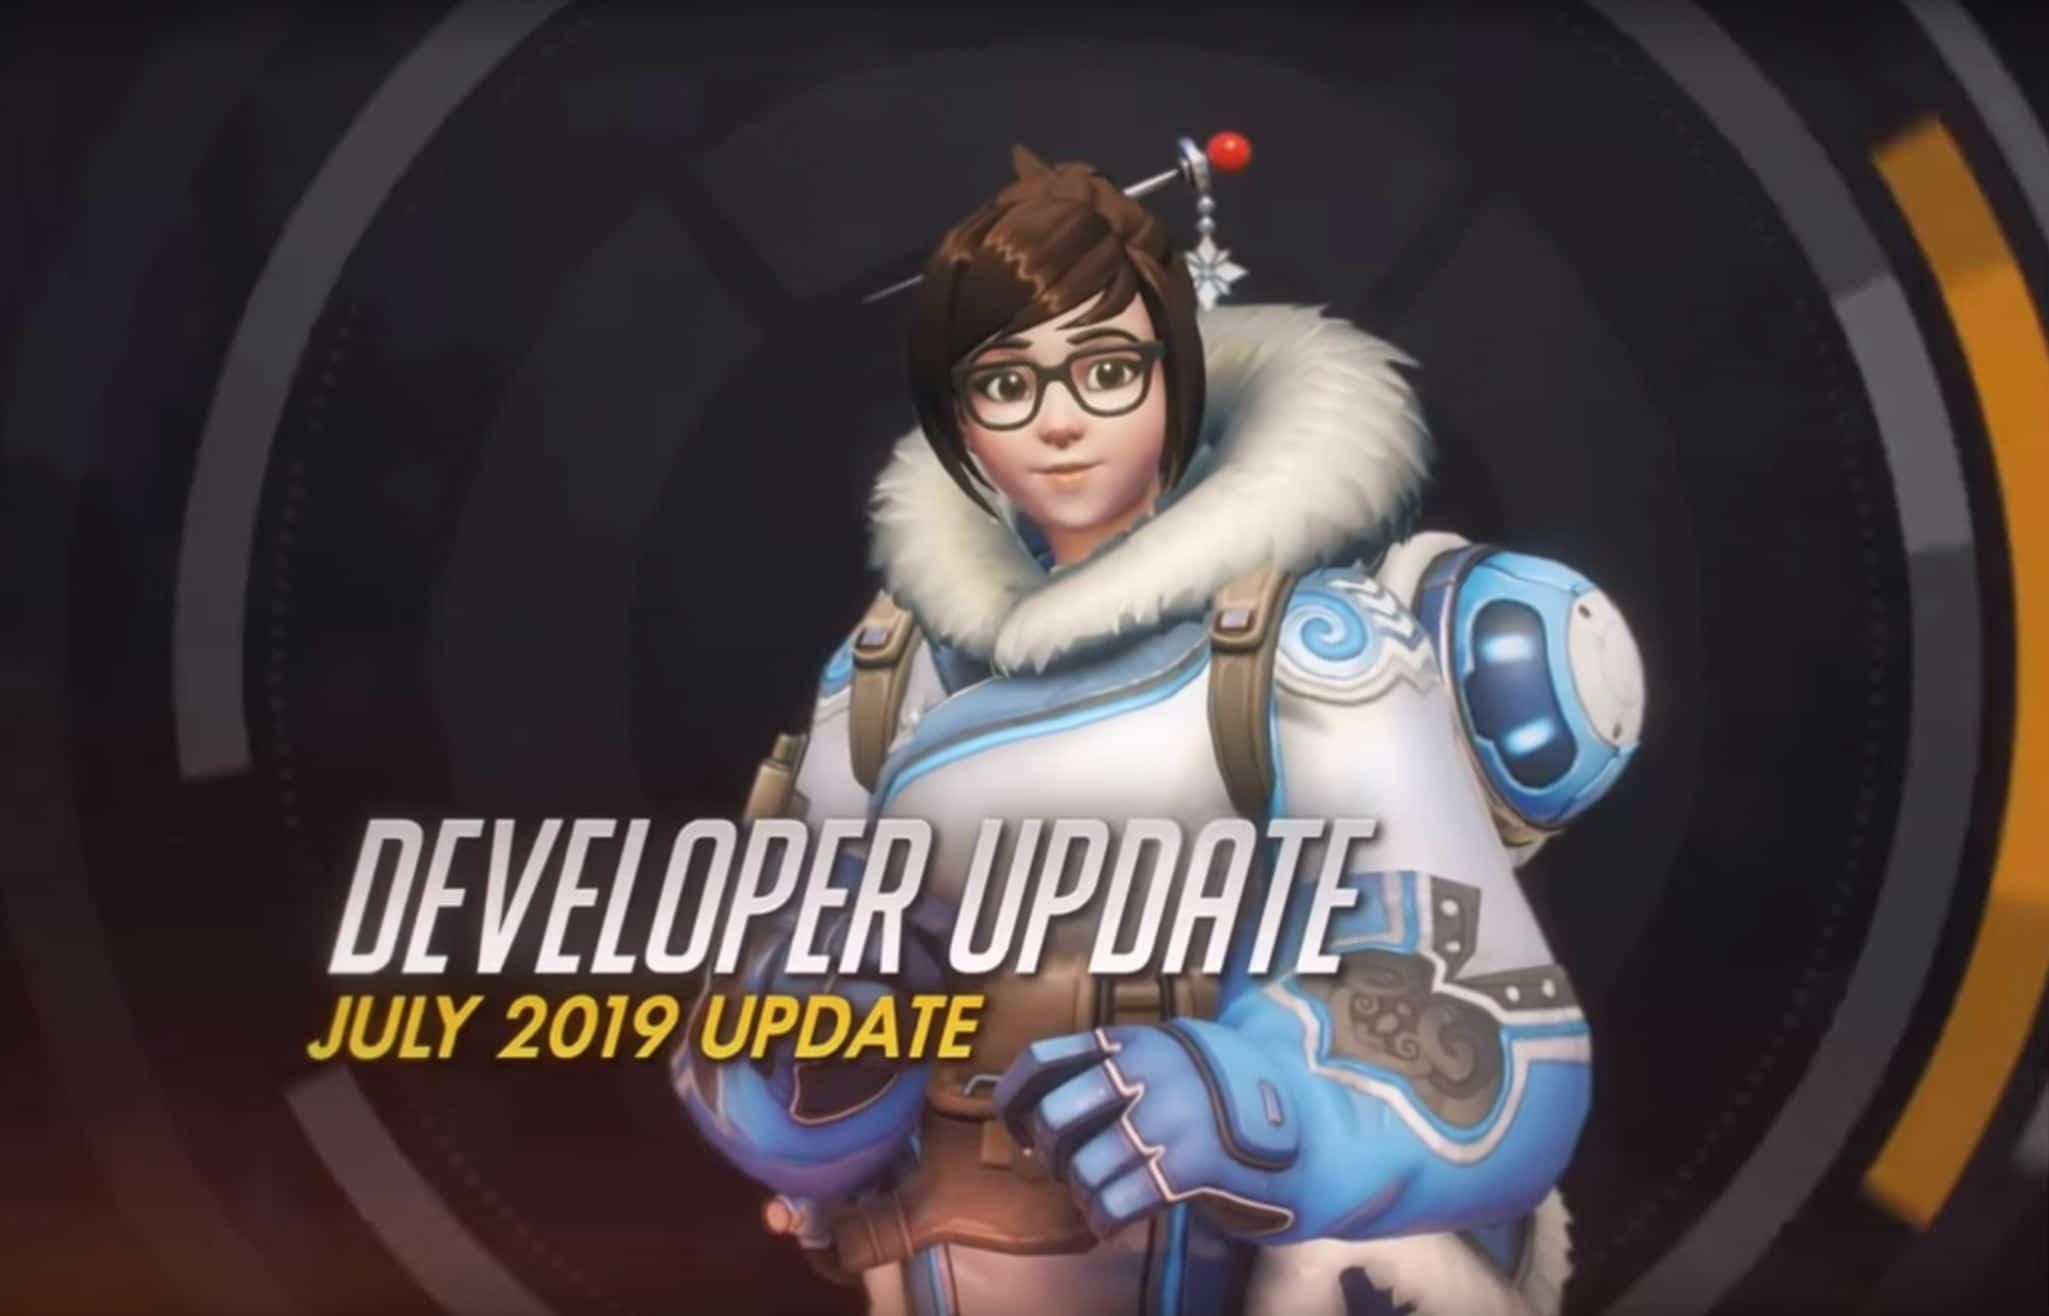 Overwatch Entwickler Update Juli 2019